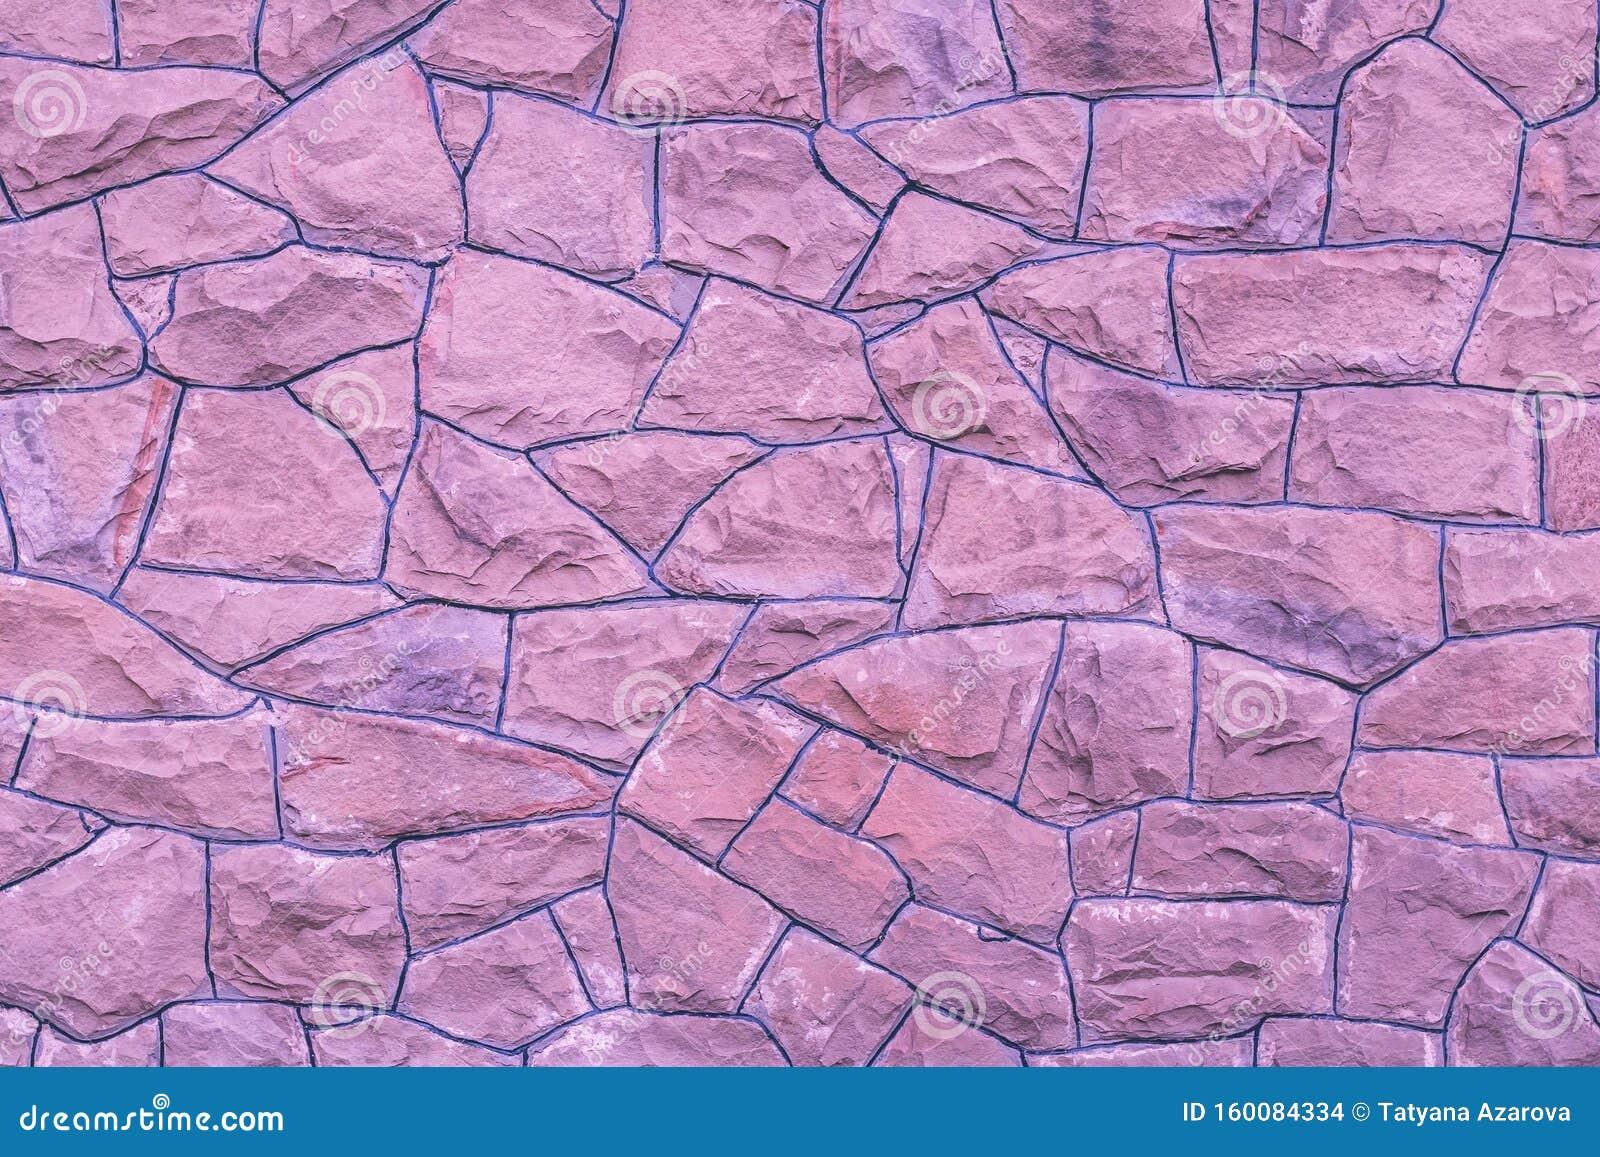 Sfondo di parete in pietra viola Tessitura rosa chiara di rocce Crittografia naturale in mattoni Sfondi di architettura astratti